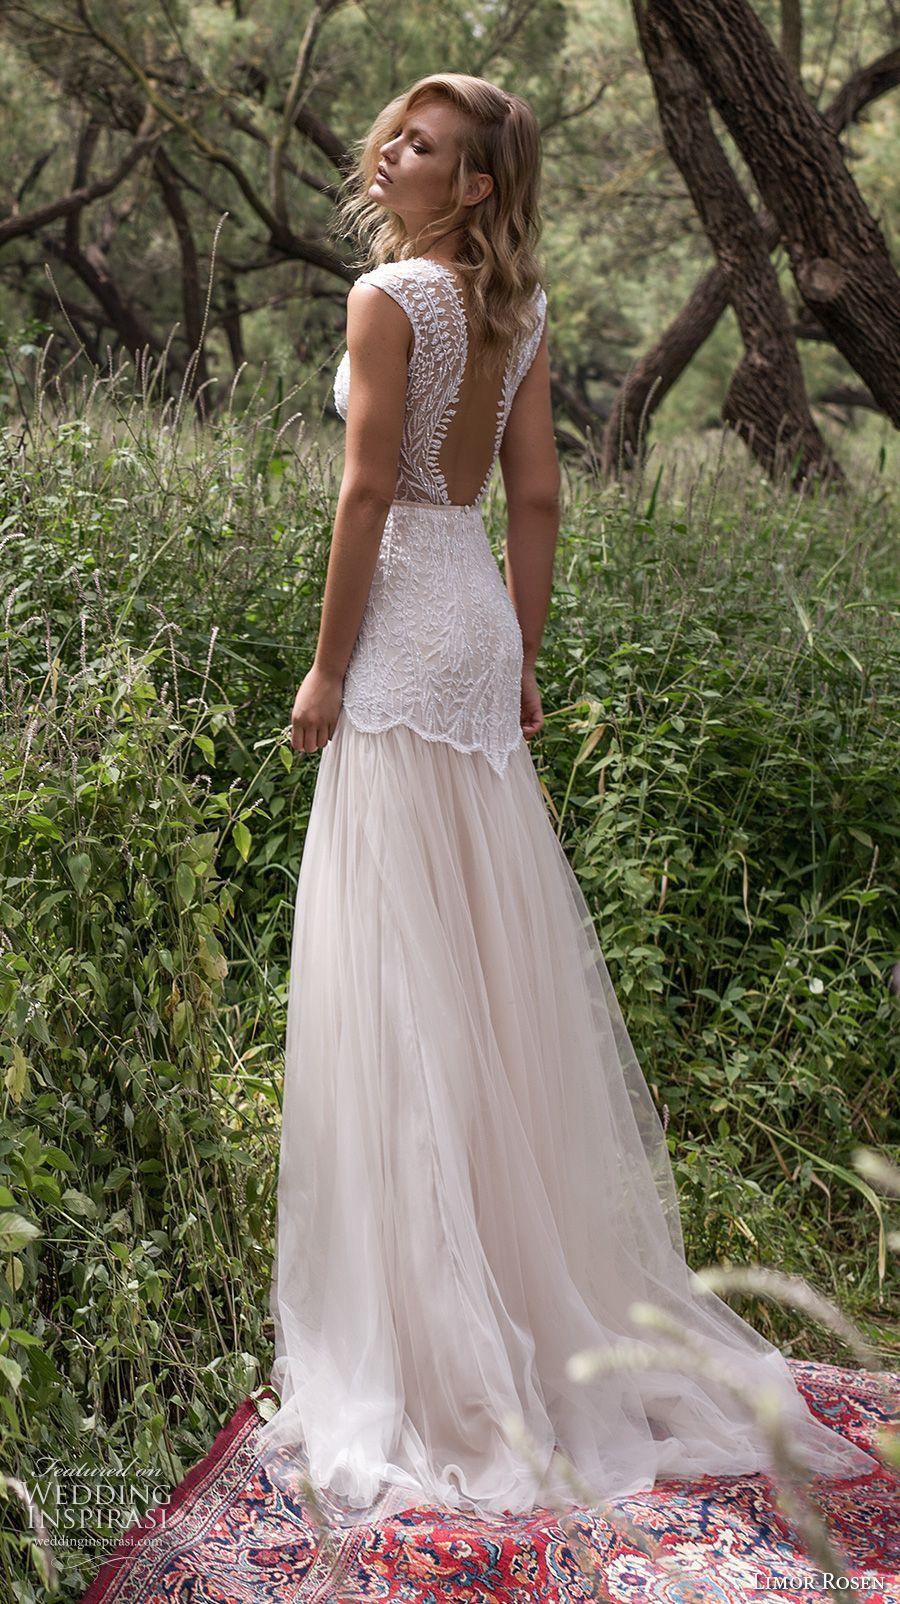 Limor rosen bridal sleeveless v neck heavily embellished bodice